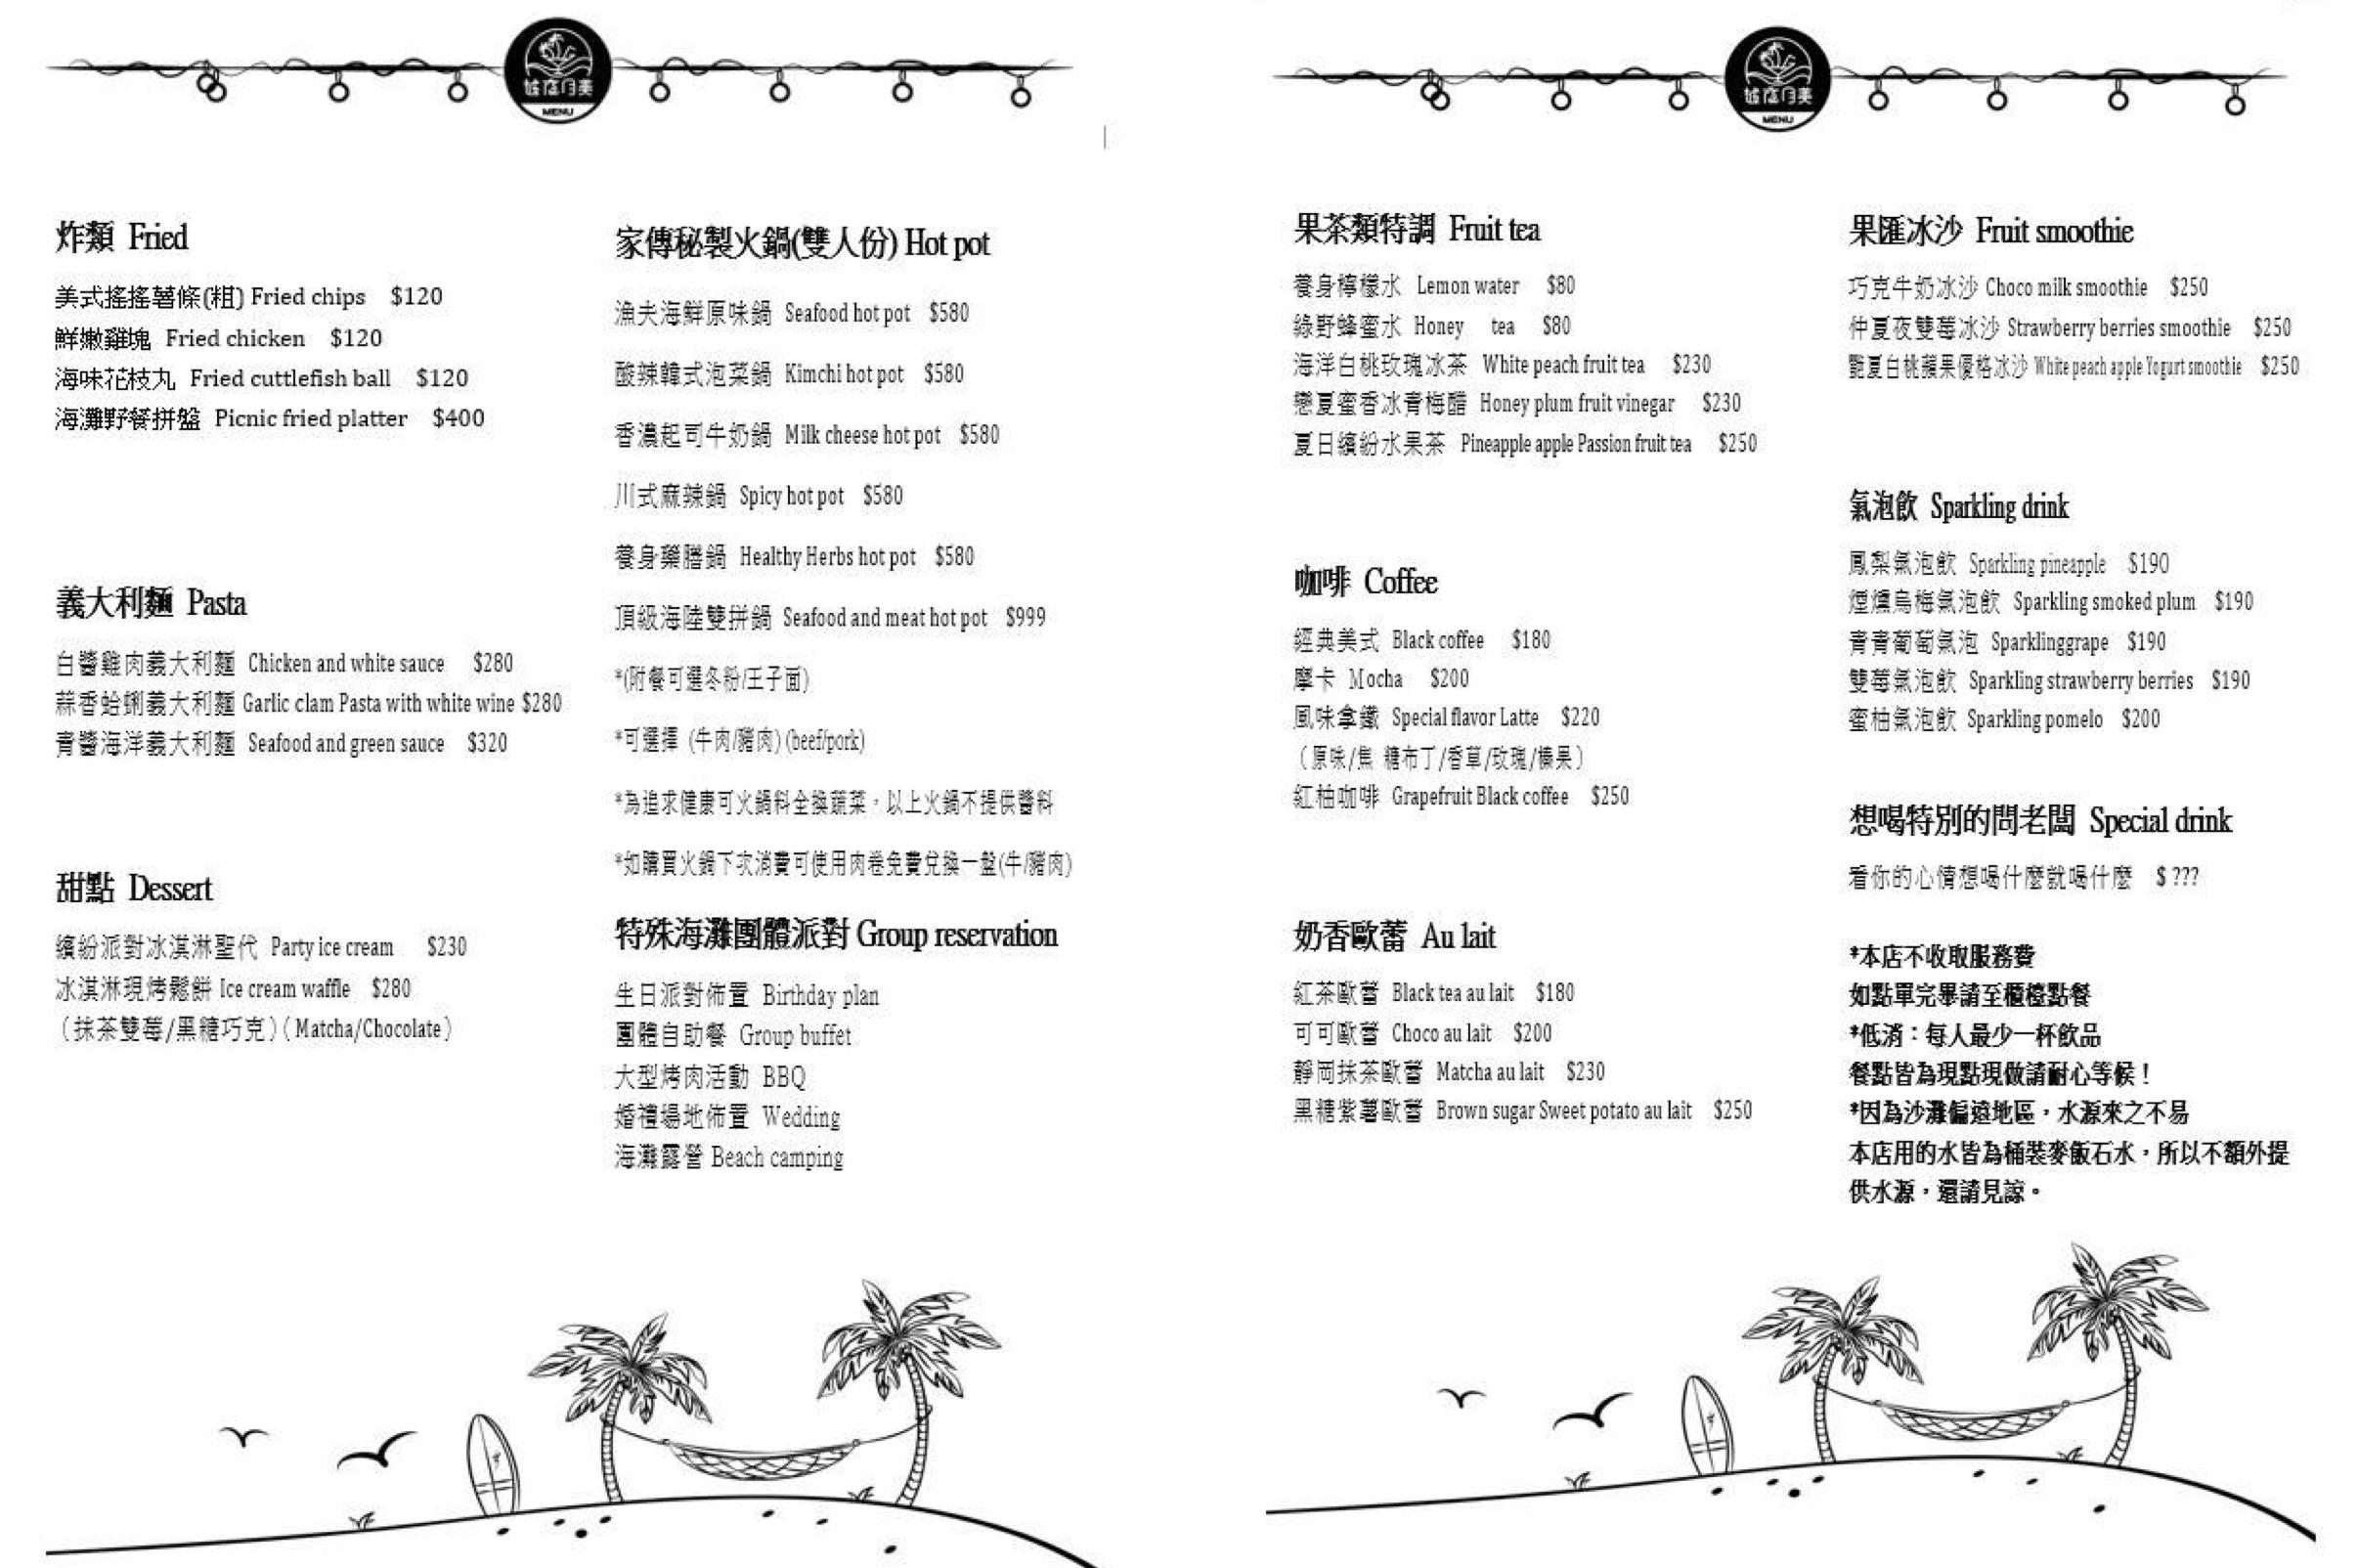 越夜月美 菜單